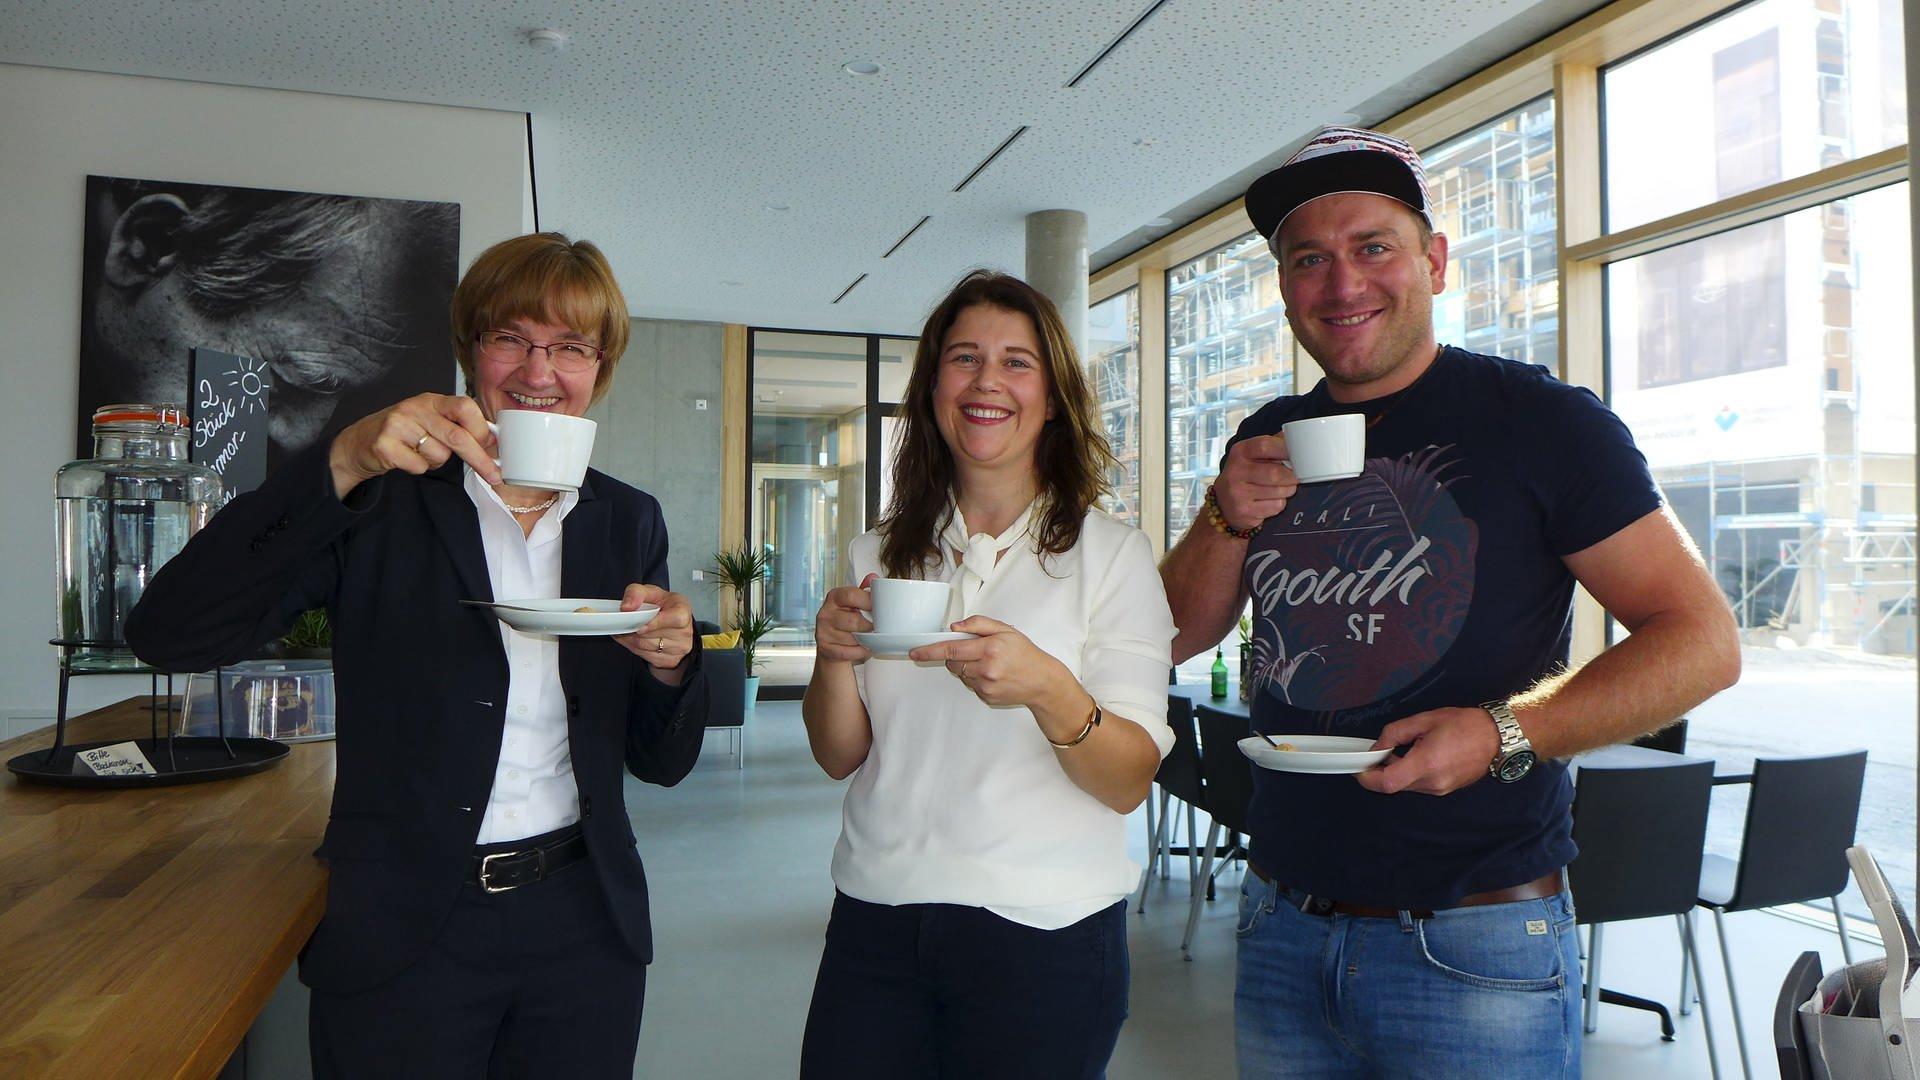 Sybille Leiß, die Vorstandsvorsitzende in Lichtenstern, Nora  Zeltwanger, Projektleiterin und Karl Reinwald, der Inklusionsbeauftragte der BUGA auf einen Kaffee im Samocca